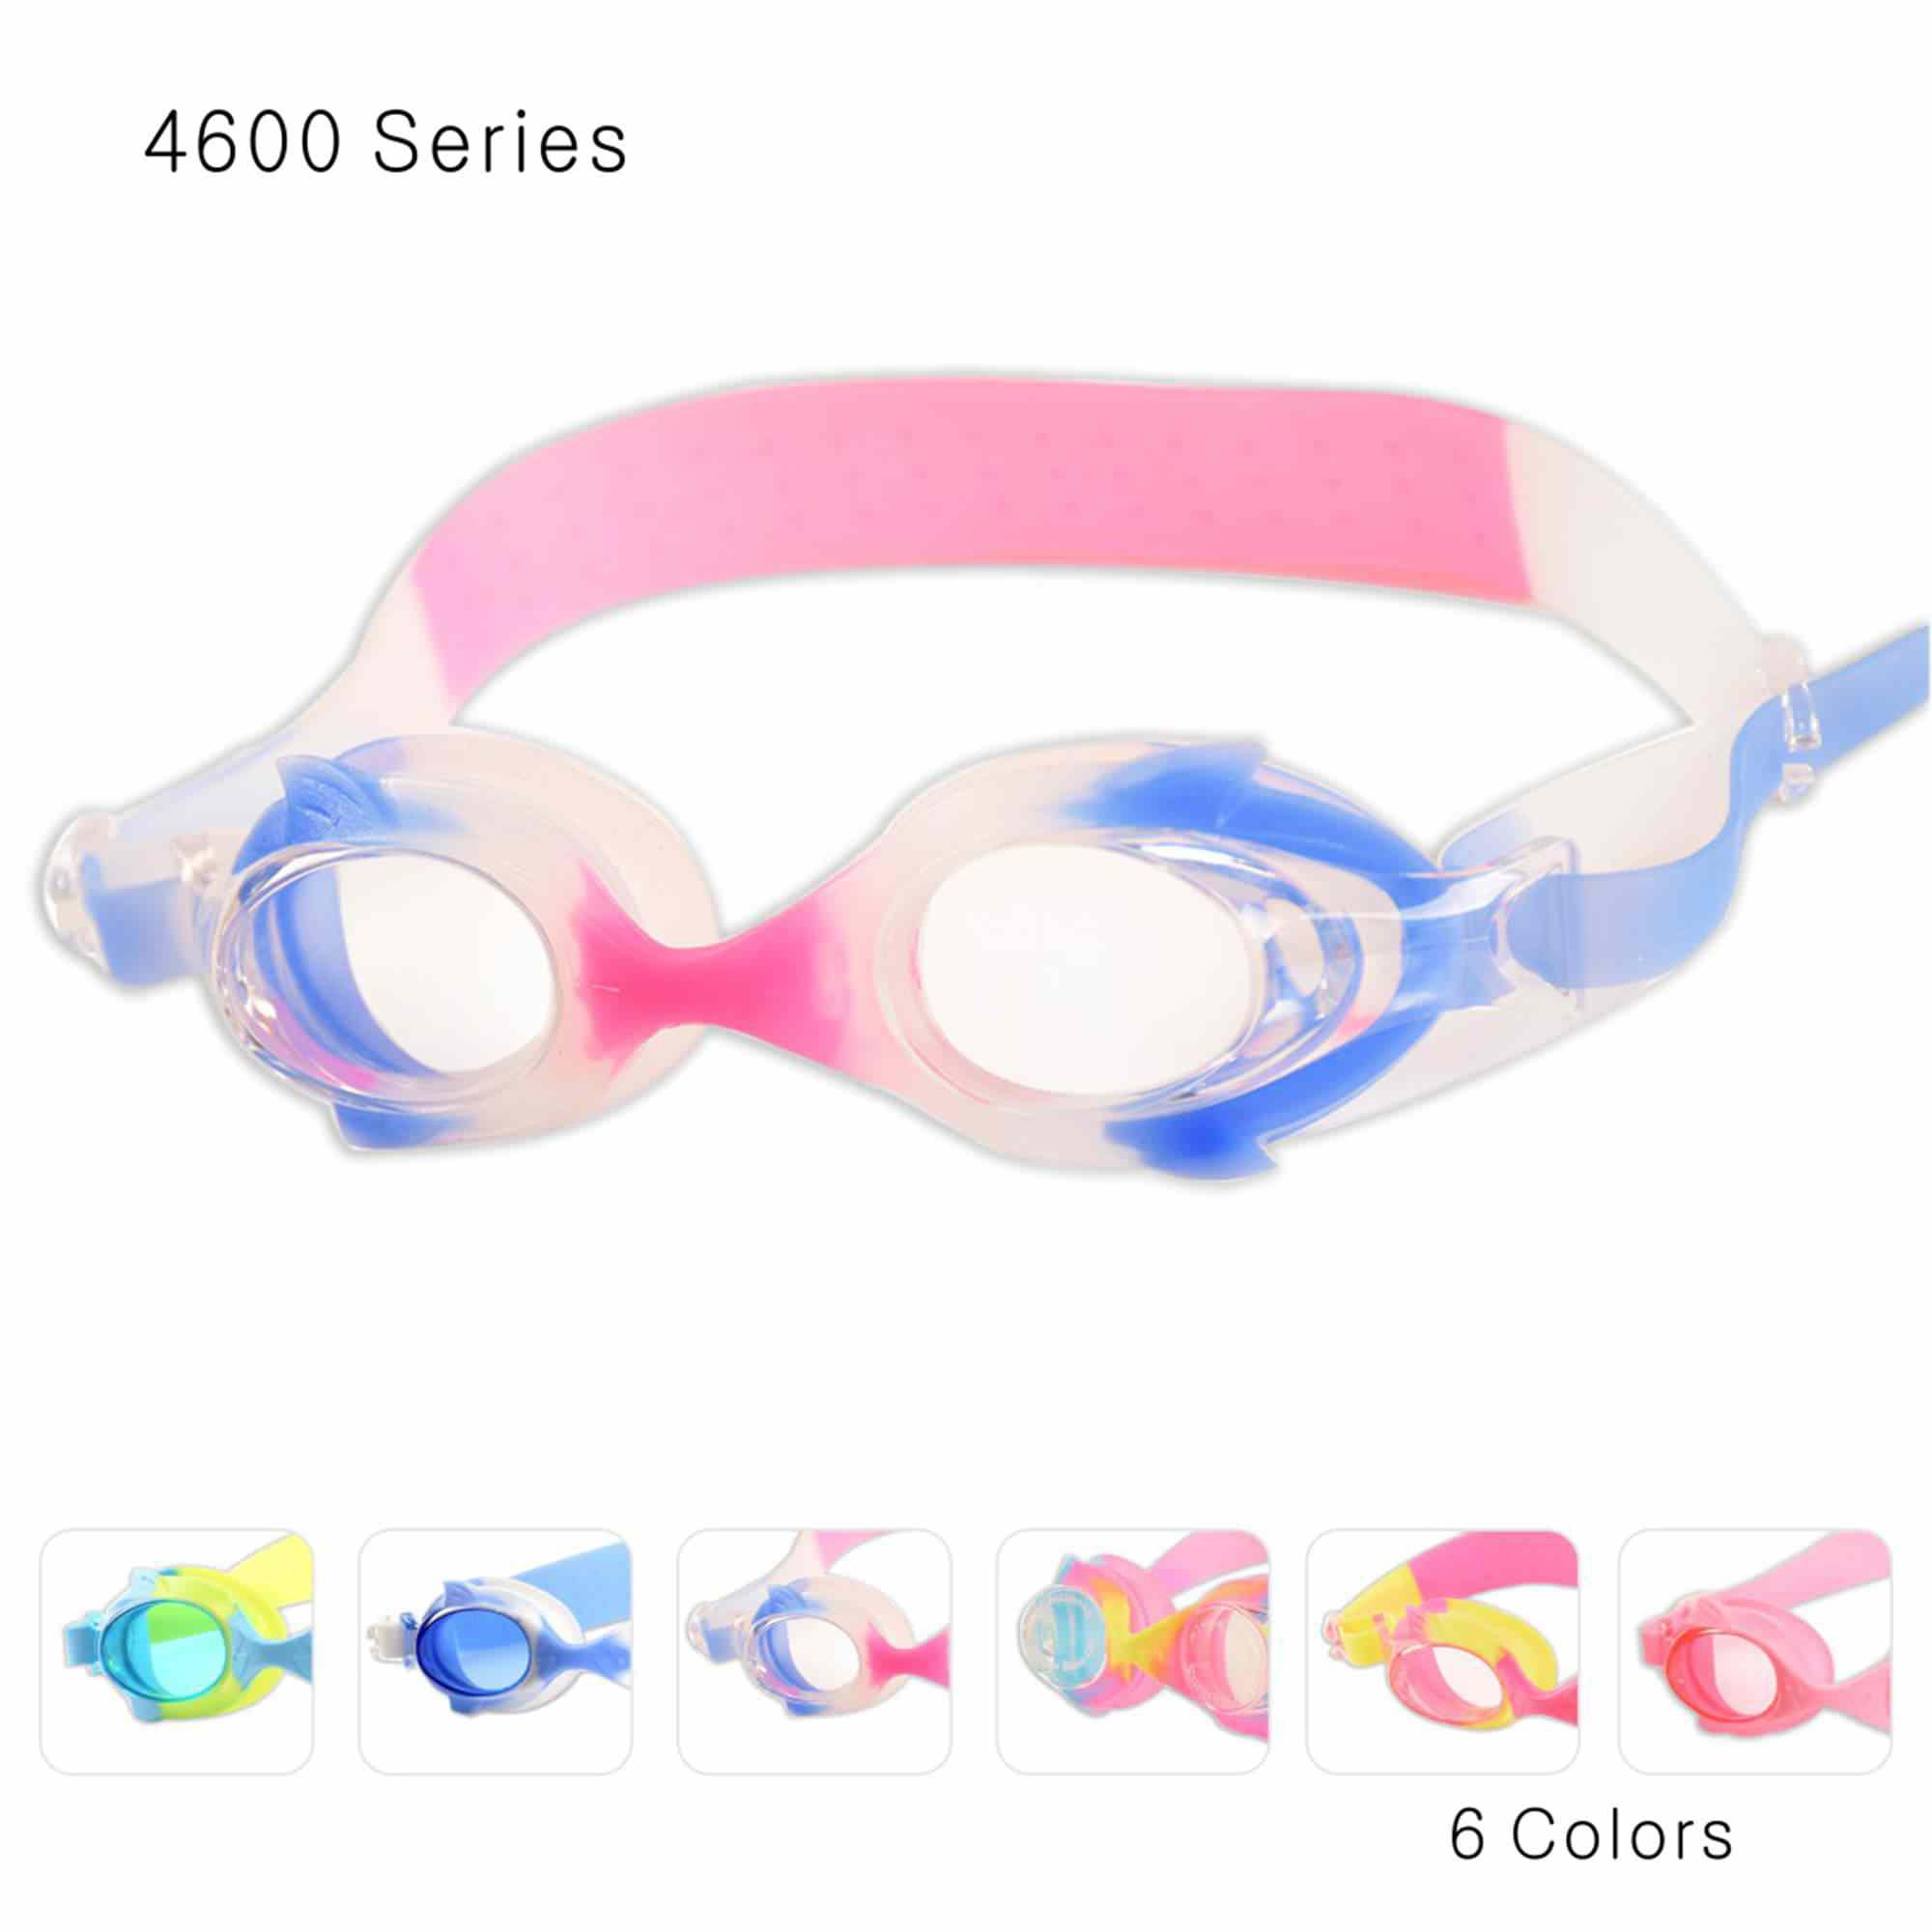 JML Kid Goggles, Cute Swim Goggles Soft Silicone, Anti-Fog, No Leaking, UV Protection Hypoallergenic Swimming Goggles... by JML